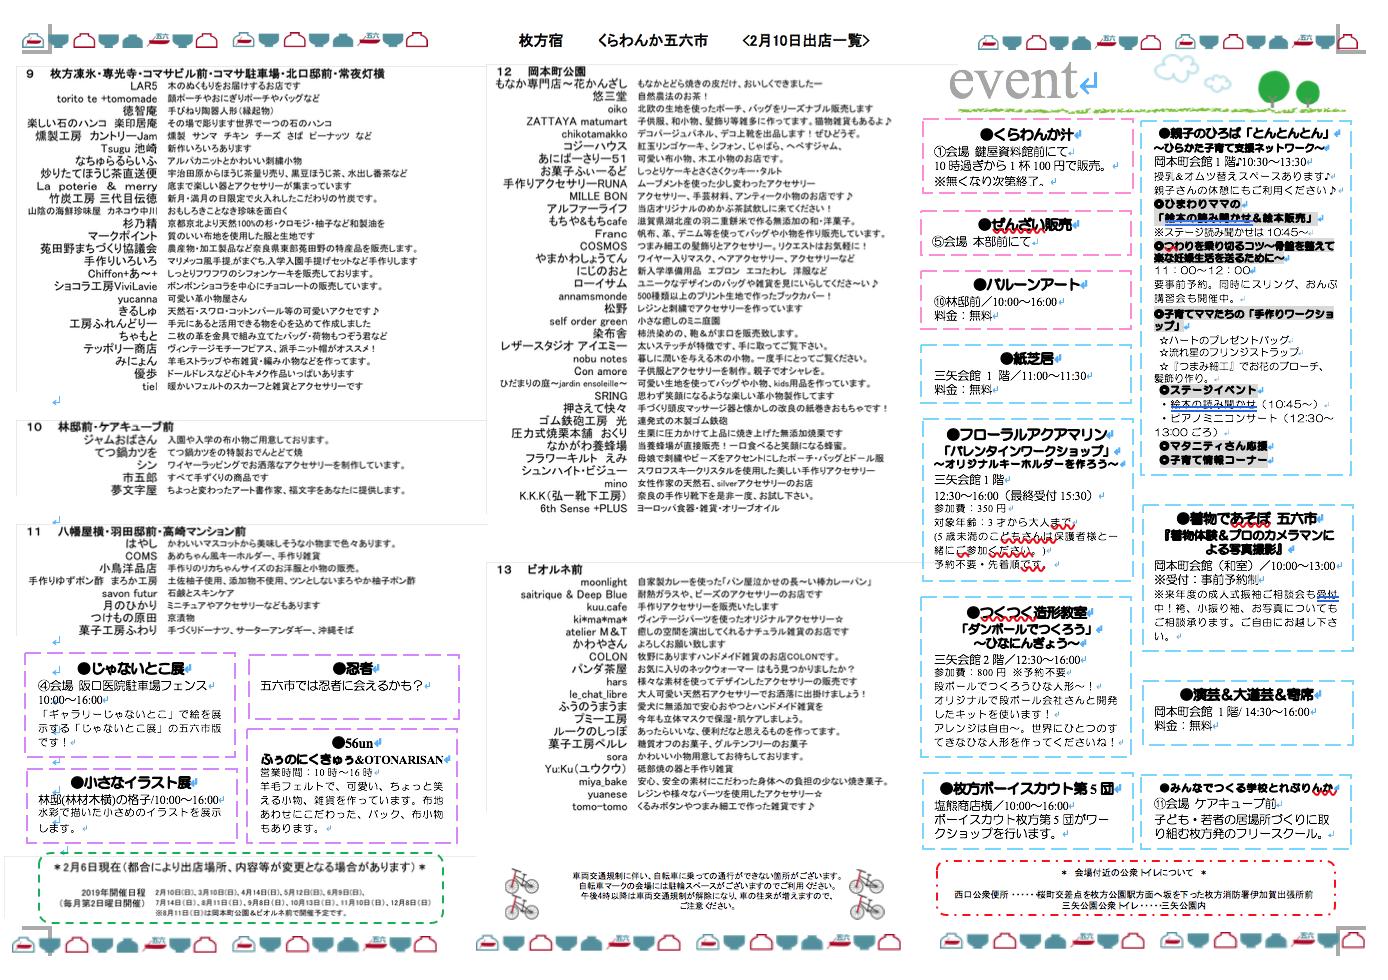 f:id:gorokuichi:20190206133447p:plain